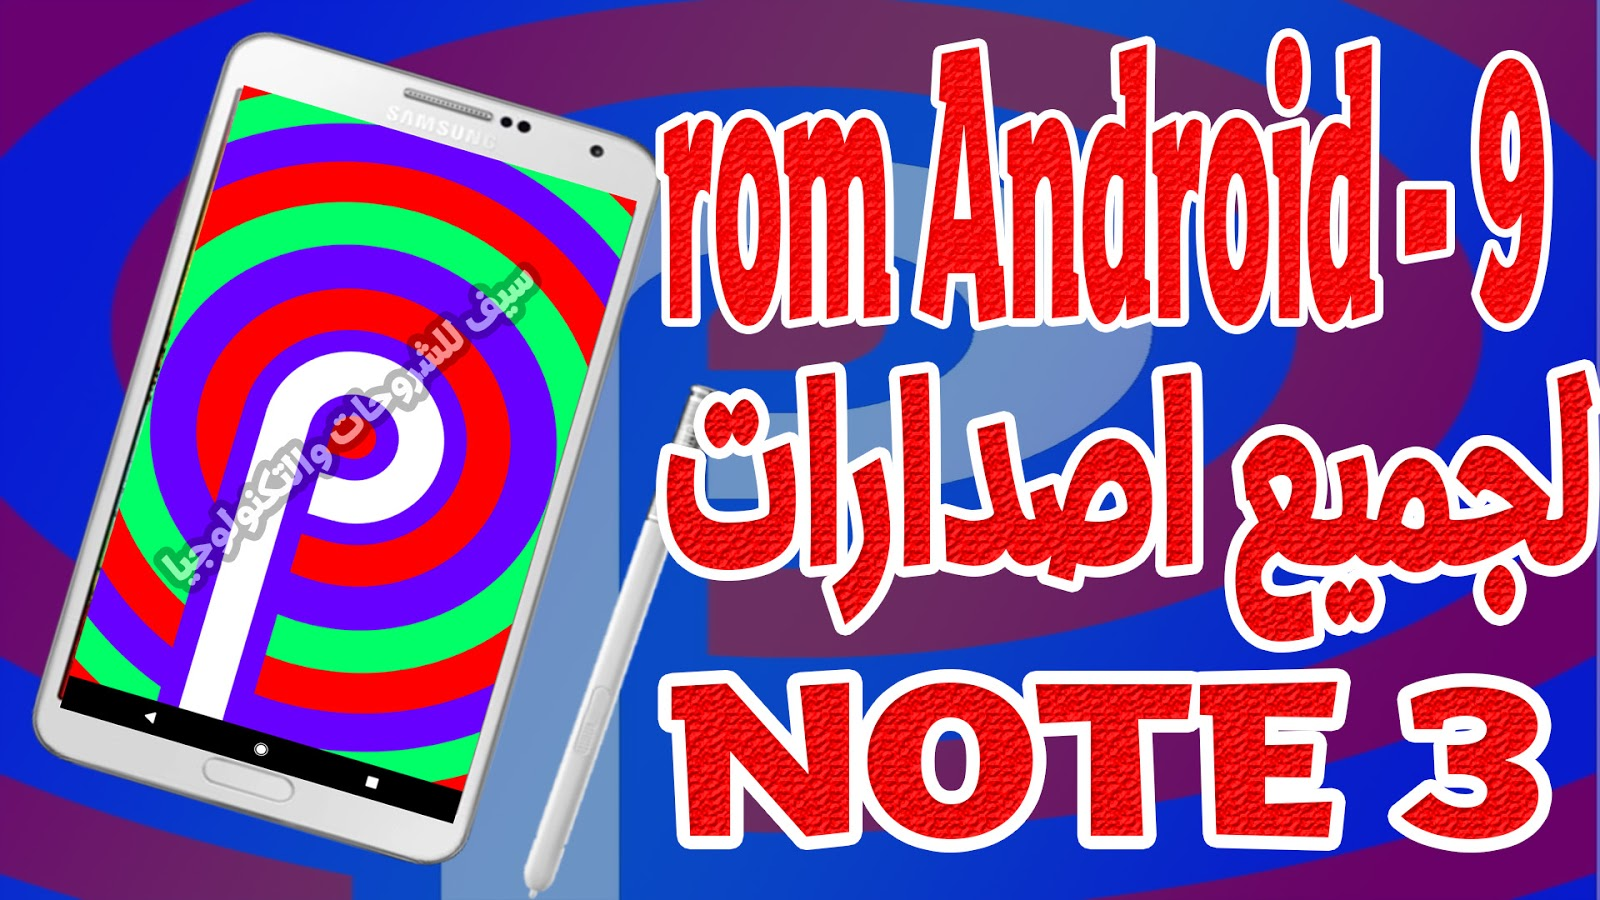 تحميل احدث روم Note 10 اصدار اندرويد rom Android - 9 لجميع اصدارات هاتف نوت3 - rom note 10 for note 3